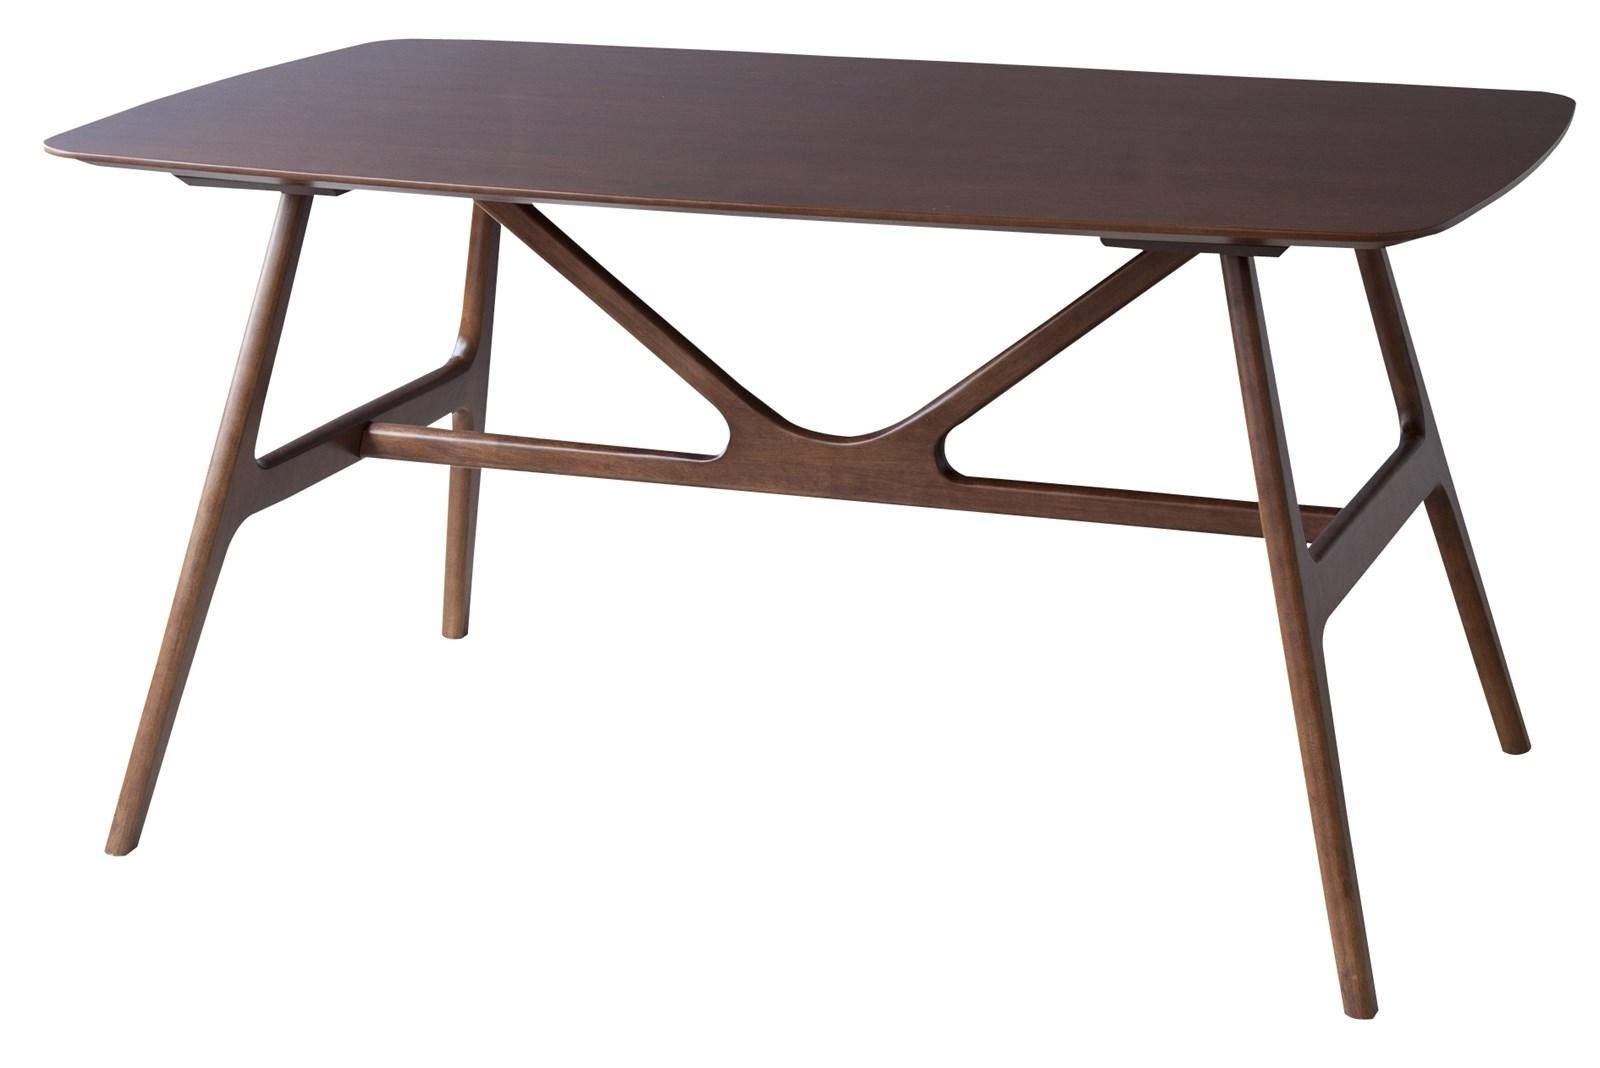 単品 A ダイニングテーブル ダイニング用テーブル 食卓テーブル 机